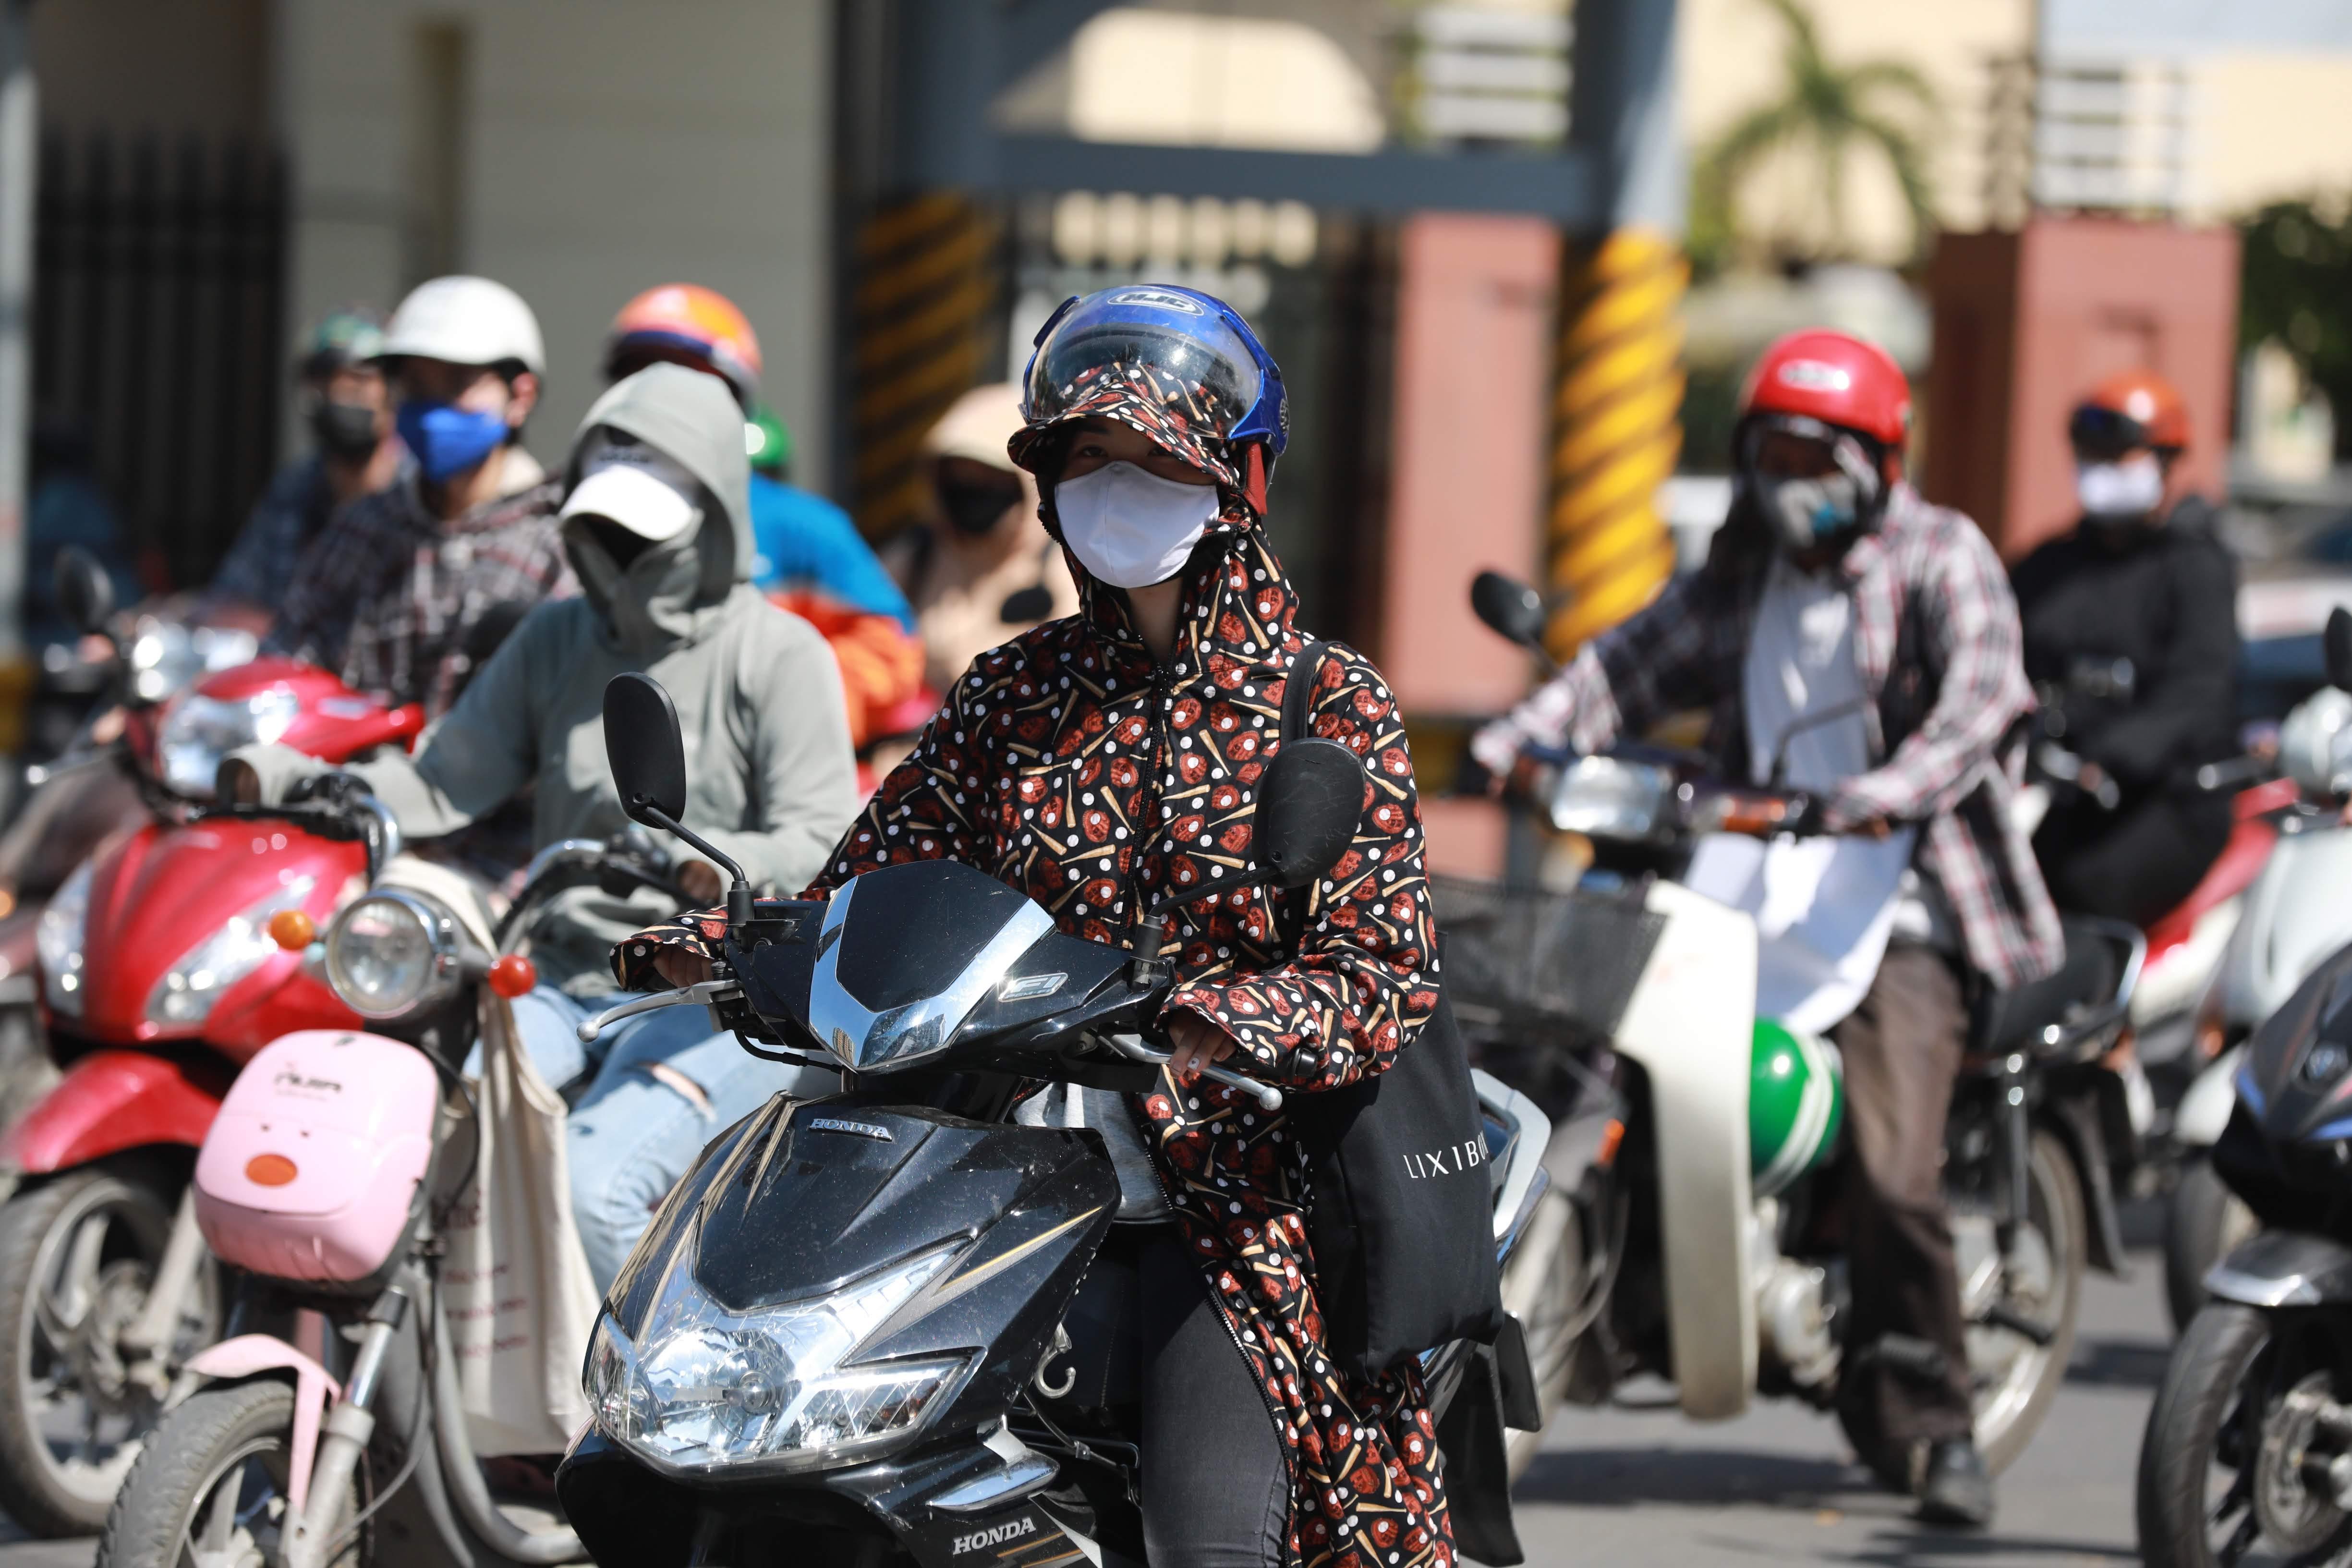 Chỉ số tia cực tím UV cao gây hại sức khỏe con người. Ảnh: Phạm Quang Vinh.